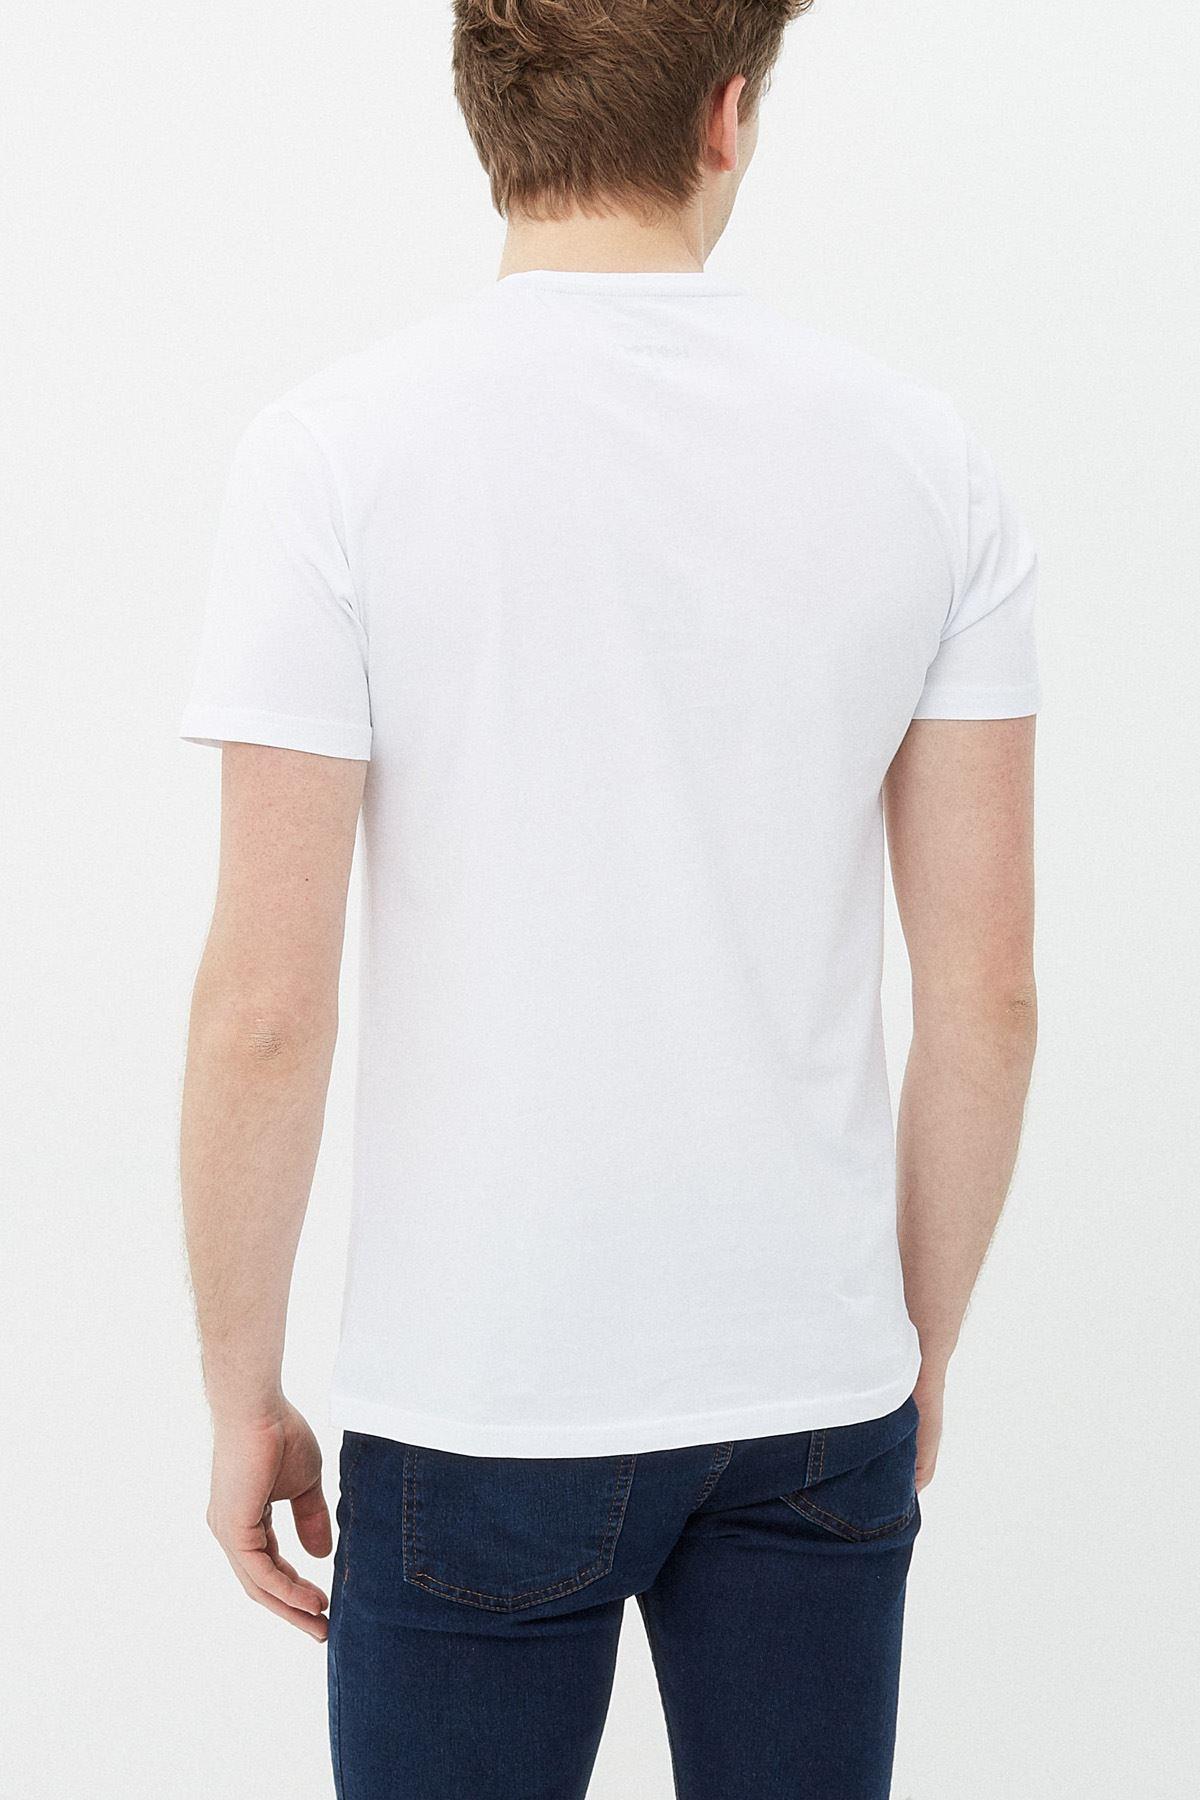 Anime Let's Jam Beyaz Erkek Tshirt - Tişört